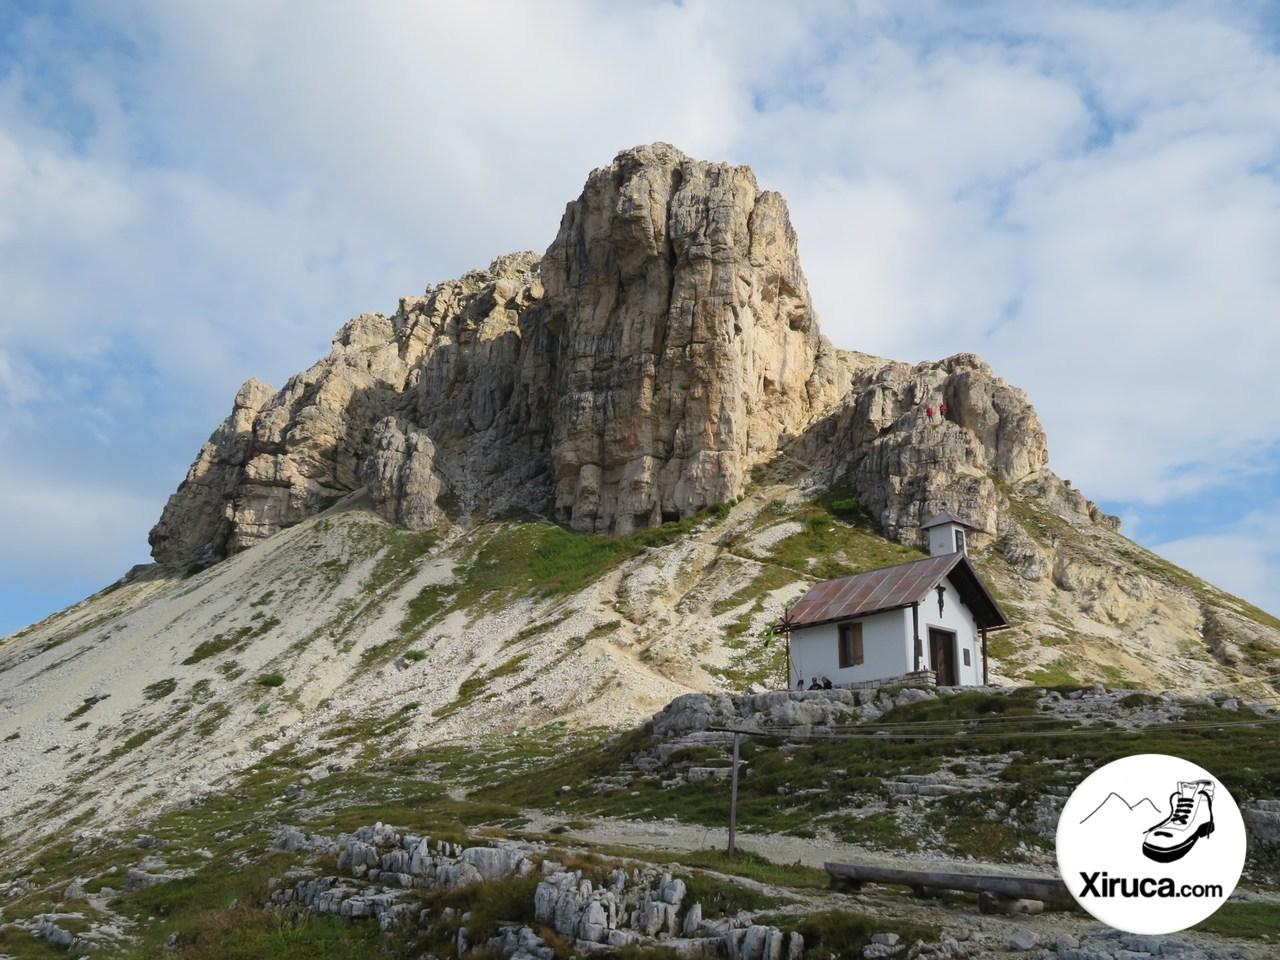 Sasso di Sesto y capilla